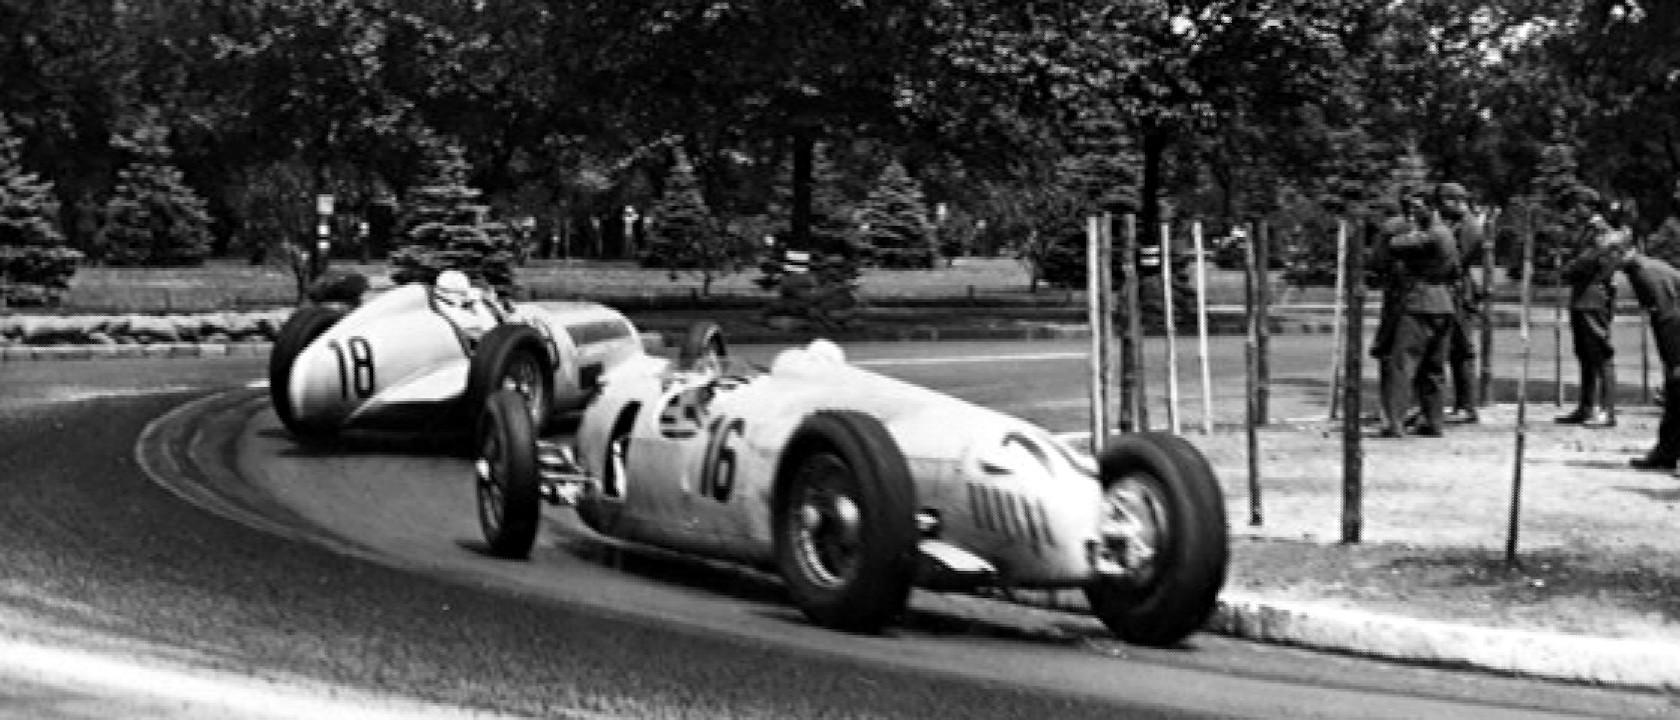 Rudolf Caracciola (br.18) u Mercedesu vodi ispred Bernda Rosemeyera (br.16) u Auto Unionu. Caracciola je odustao zbog kvara na motoru, a Rosemeyer je završio drugi, iza Nuvolarija u Alfa Romeu. (21.6.1936.) Foto: Bundesarchiv